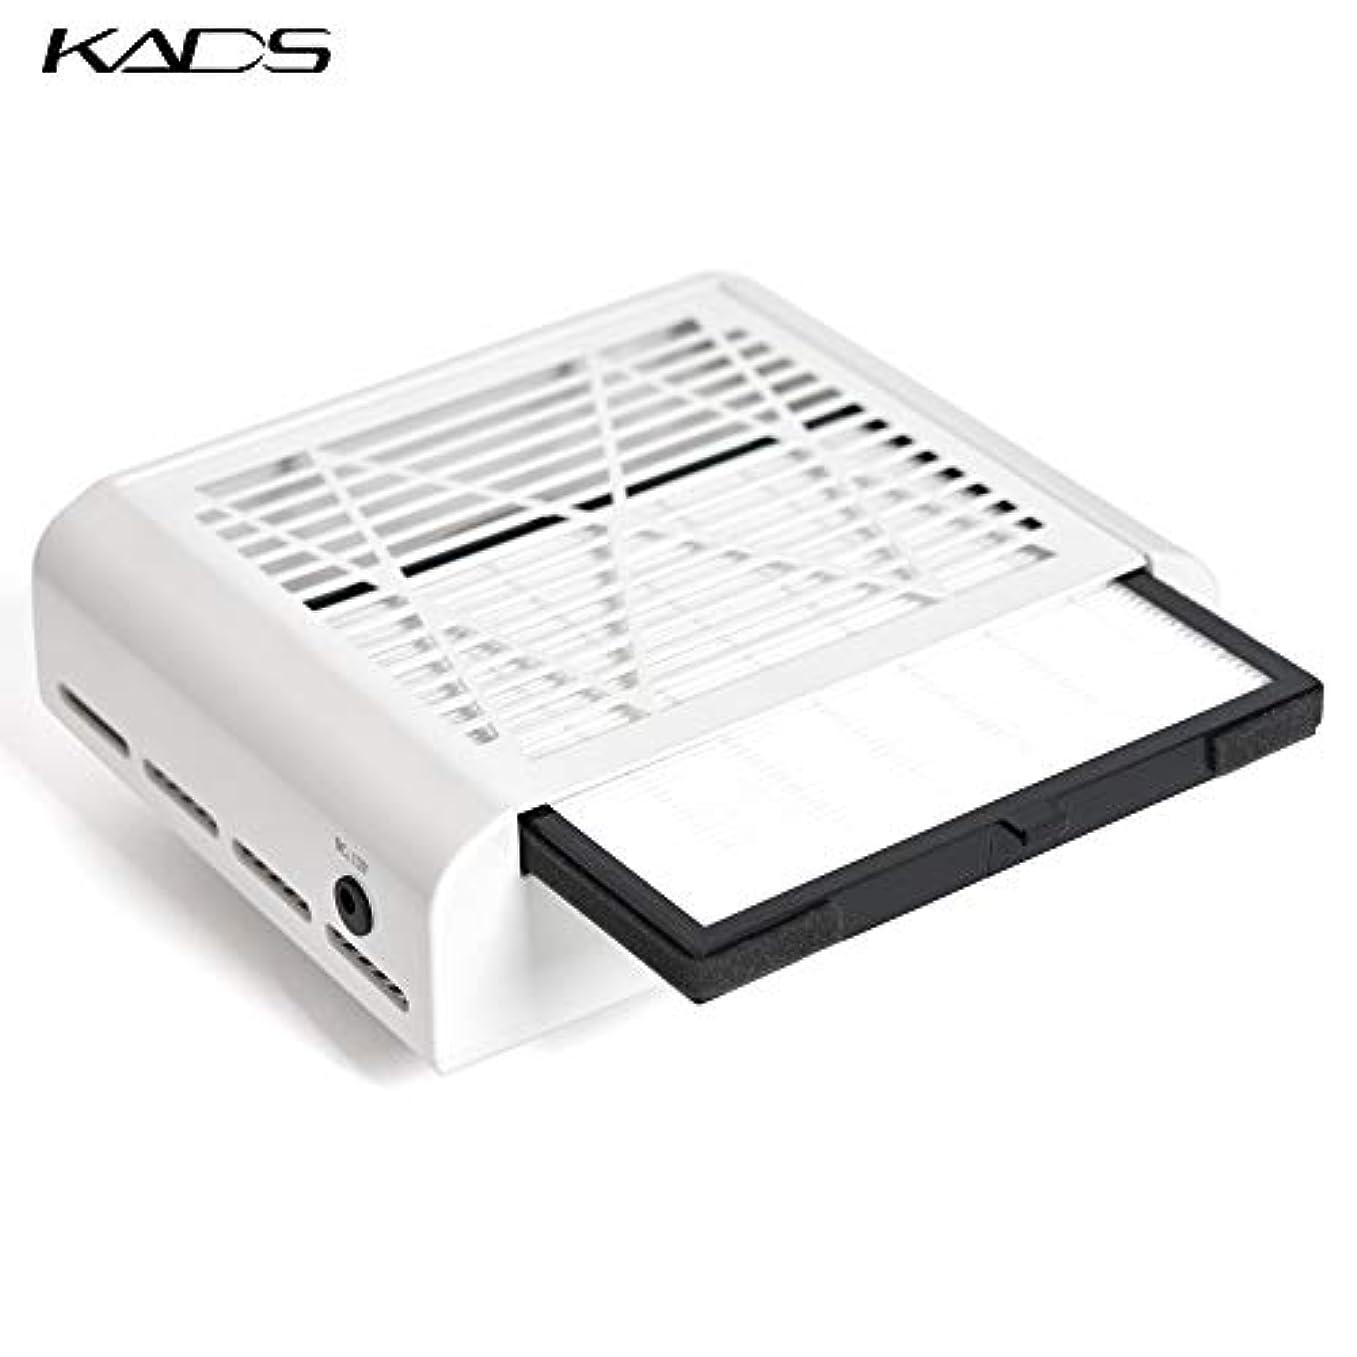 虚偽スタンド器用KADS ネイルダスト集塵機 ネイルダストコレクター サロンサクションダストコレクター ネイルダストクリーナー ジェルネイル機器 ネイルケア用